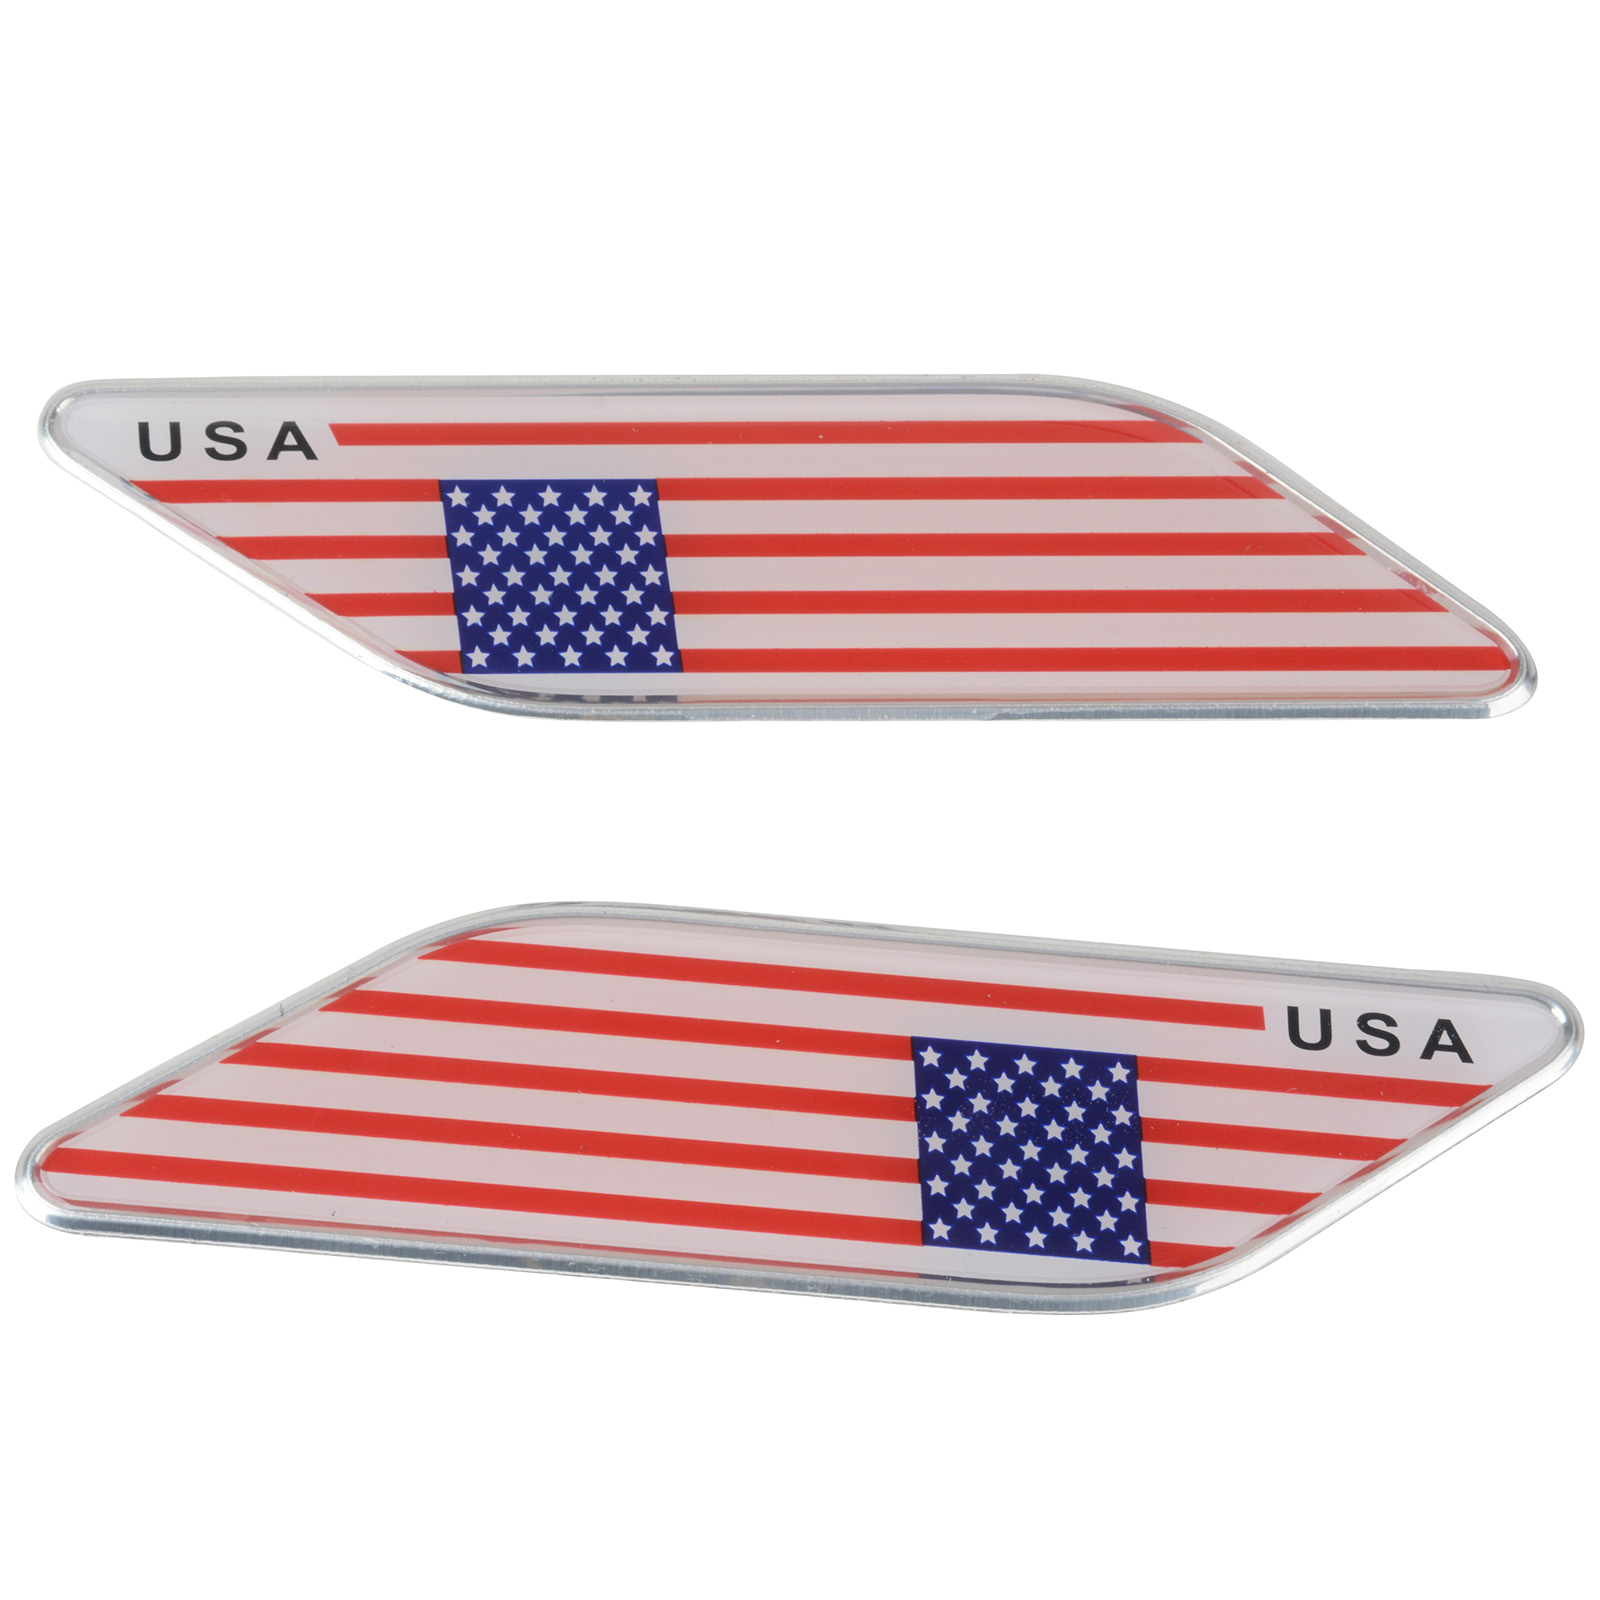 Mayitr 2 pcs diy americano da bandeira dos eua saia fender lado do carro do emblema